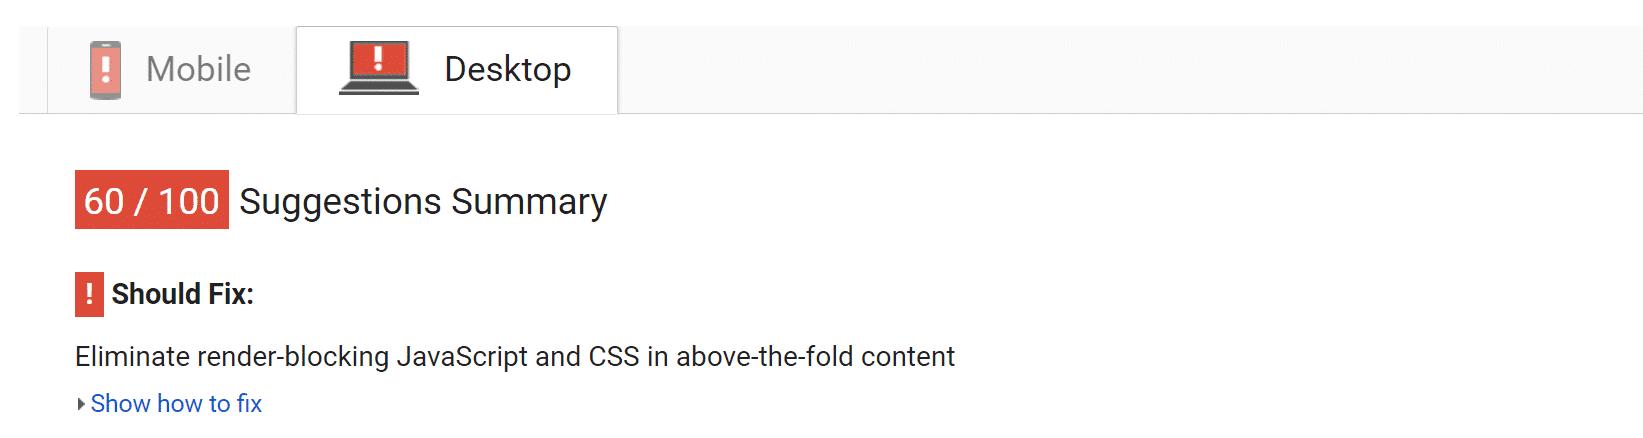 Eliminar bloqueios de renderização do JavaScript e CSS no conteúdo acima da borda